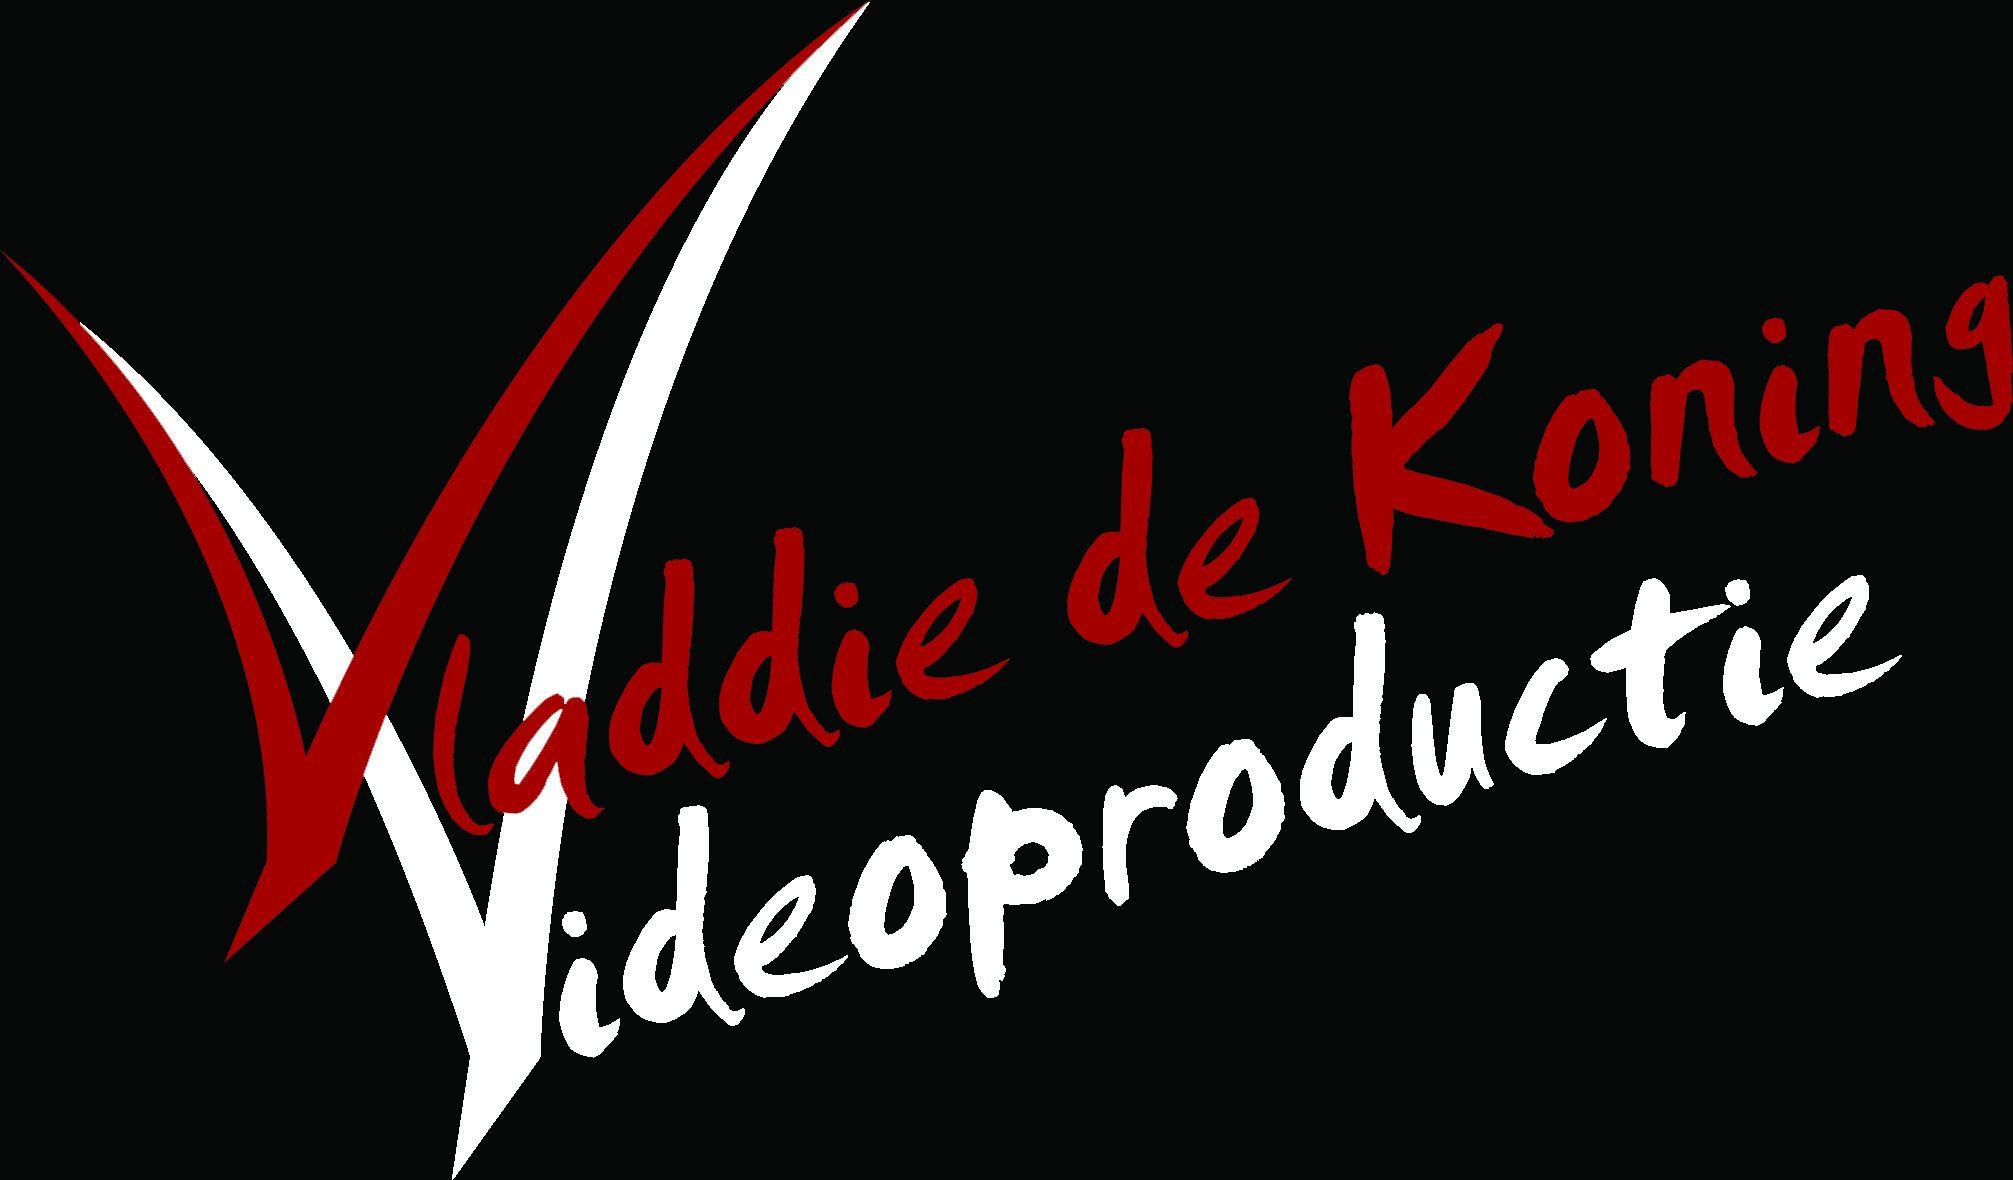 vladdie.nl